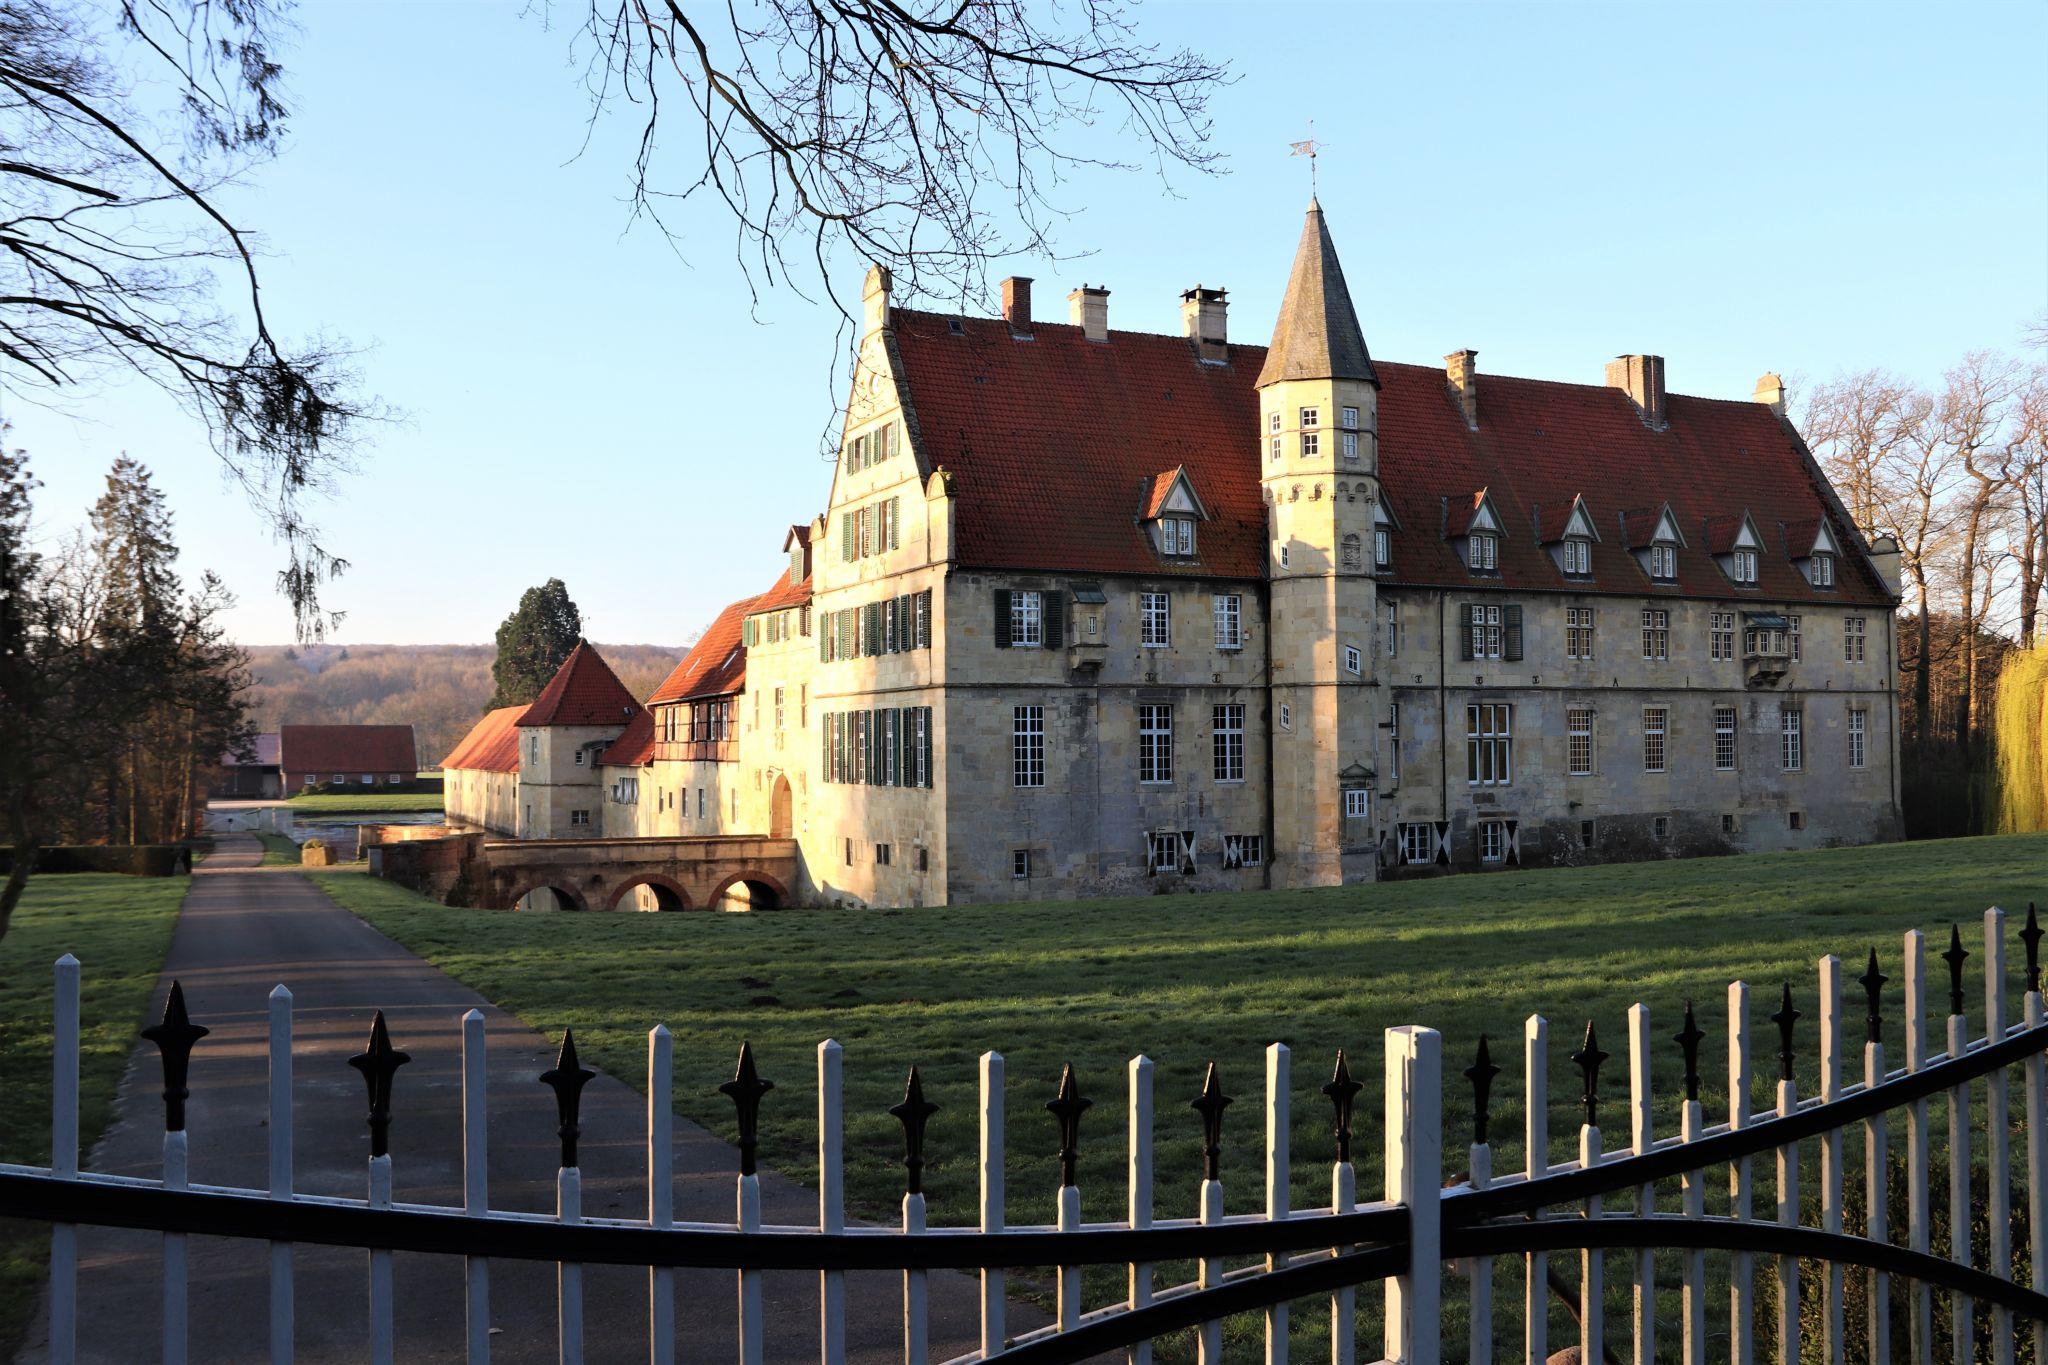 Haus Havixbeck, Germany